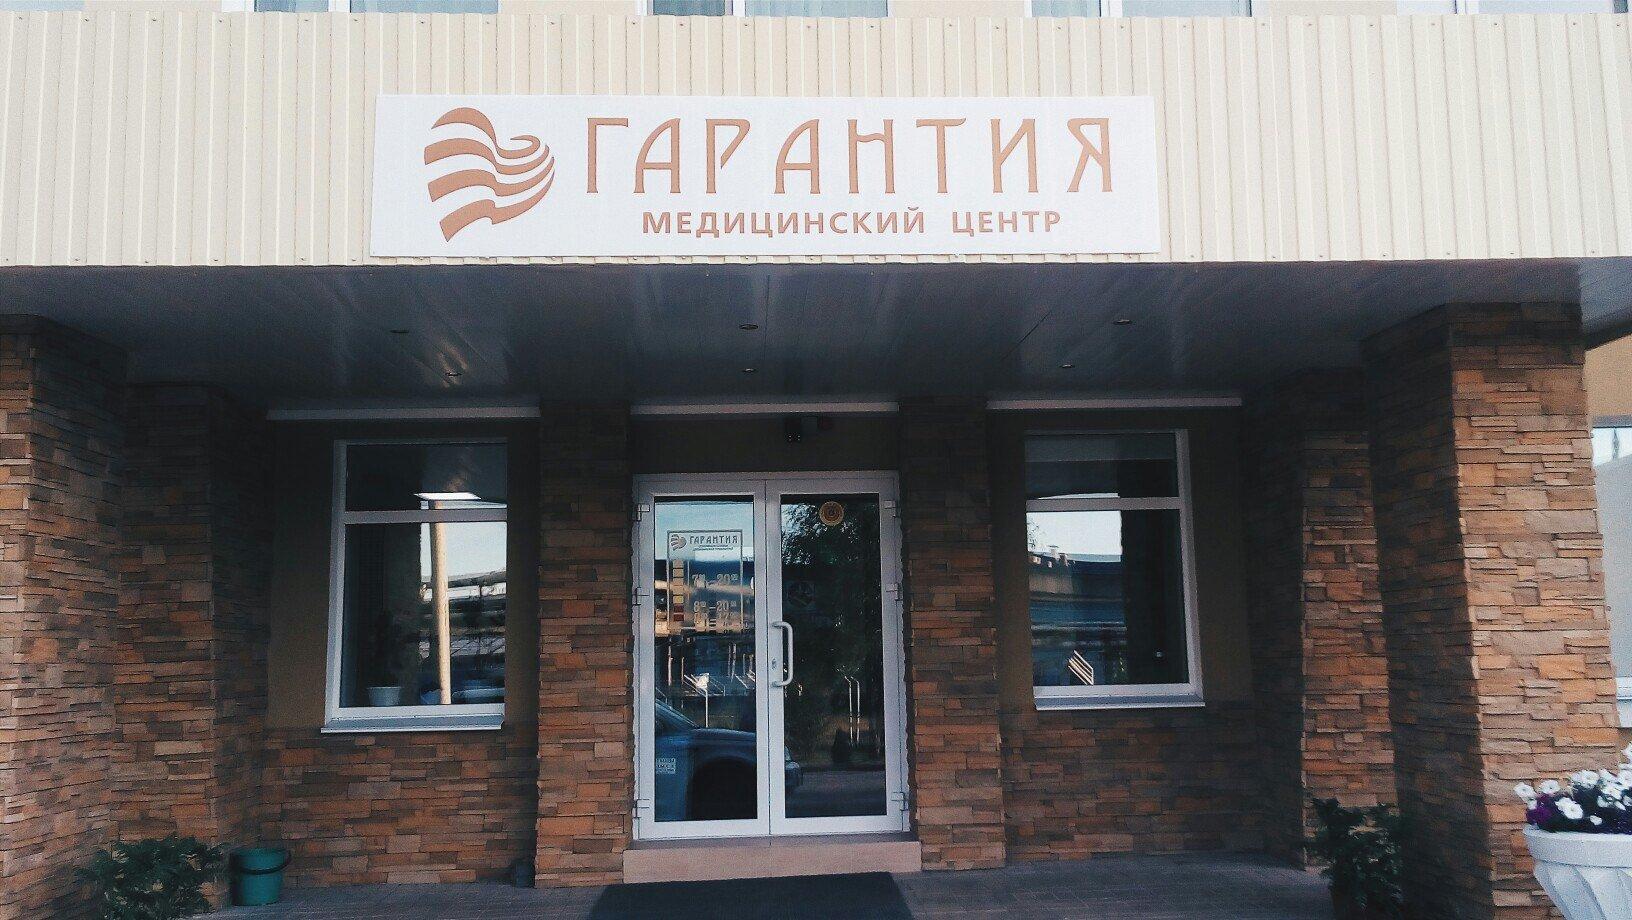 фотография Медицинского центра Гарантия на Стеклозаводском шоссе в городе Бор